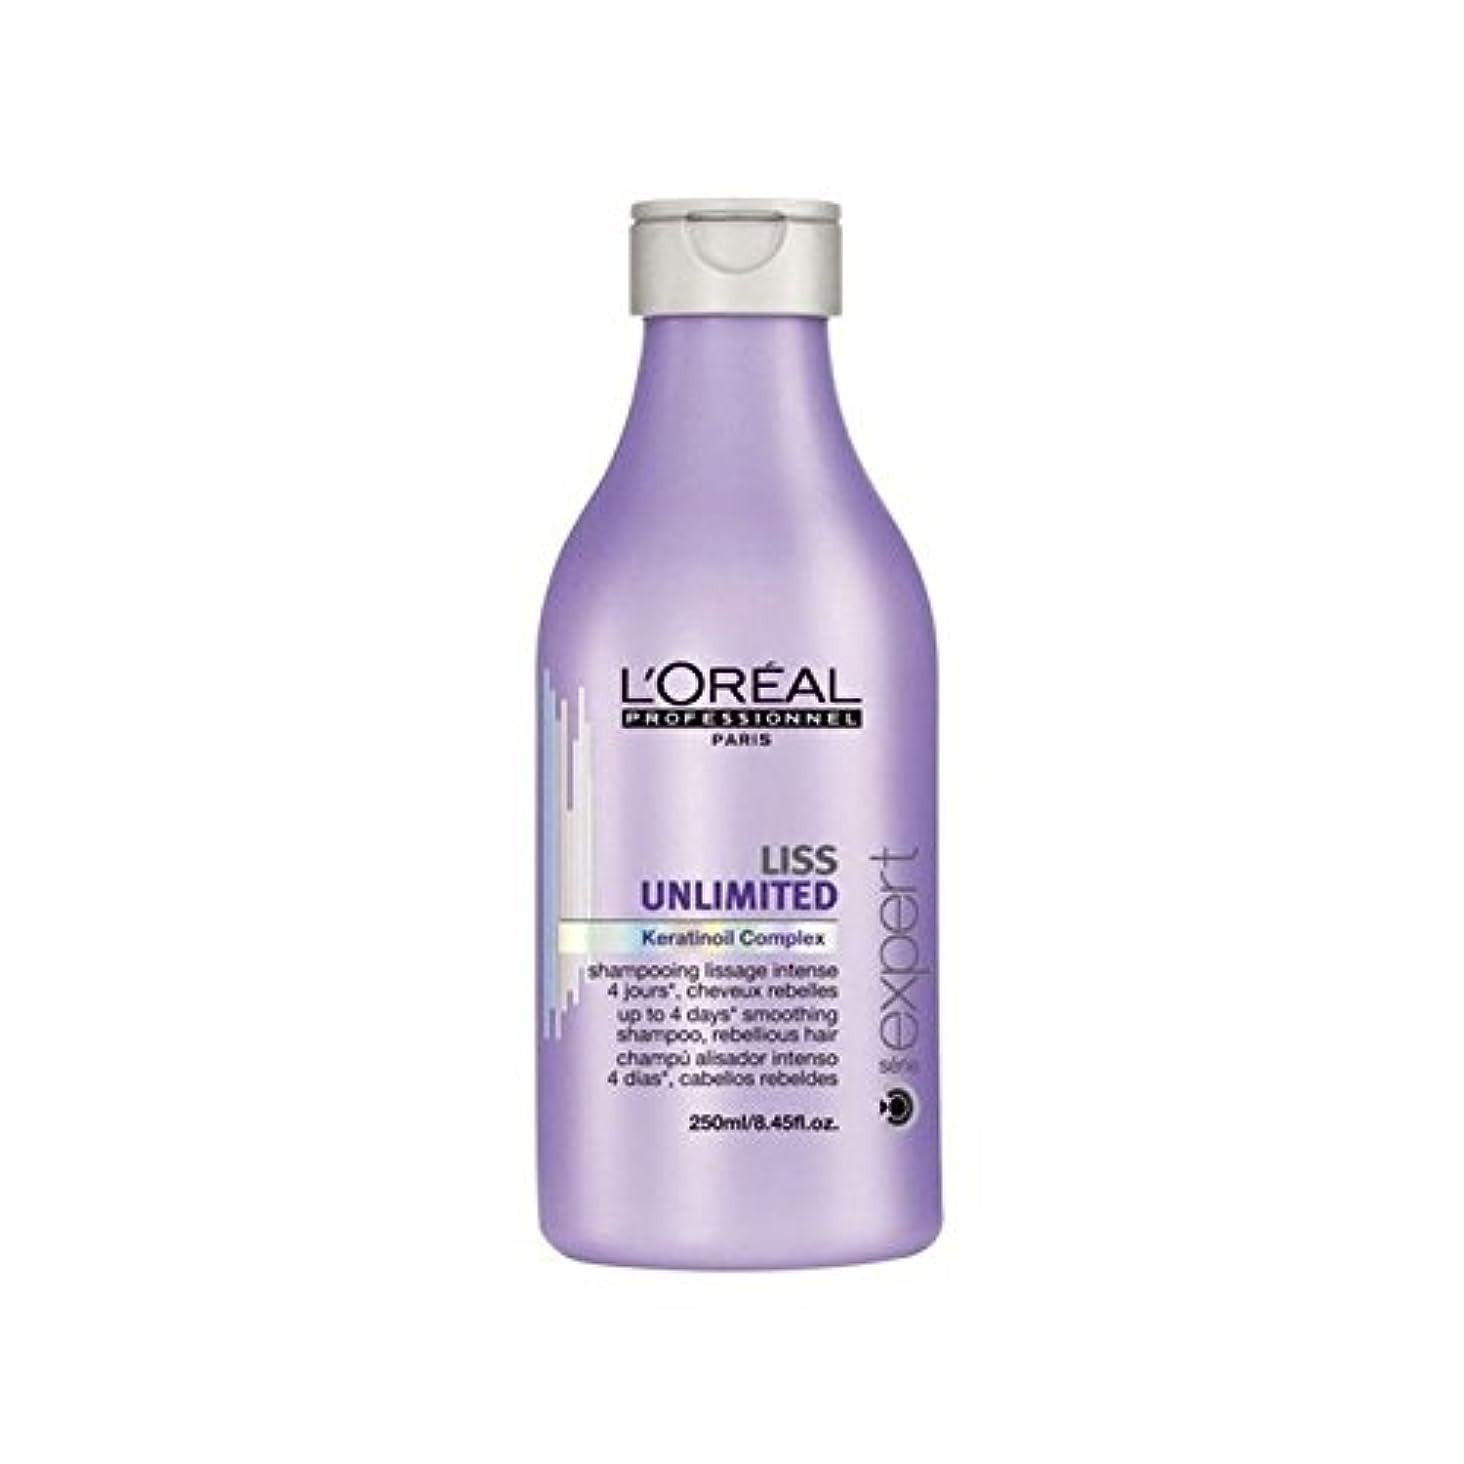 建築変化する途方もないL'Oreal Professionnel Serie Expert Liss Unlimited Shampoo (250ml) (Pack of 6) - ロレアルプロフェッショナルセリエ専門家無制限のシャンプー(250ミリリットル) x6 [並行輸入品]